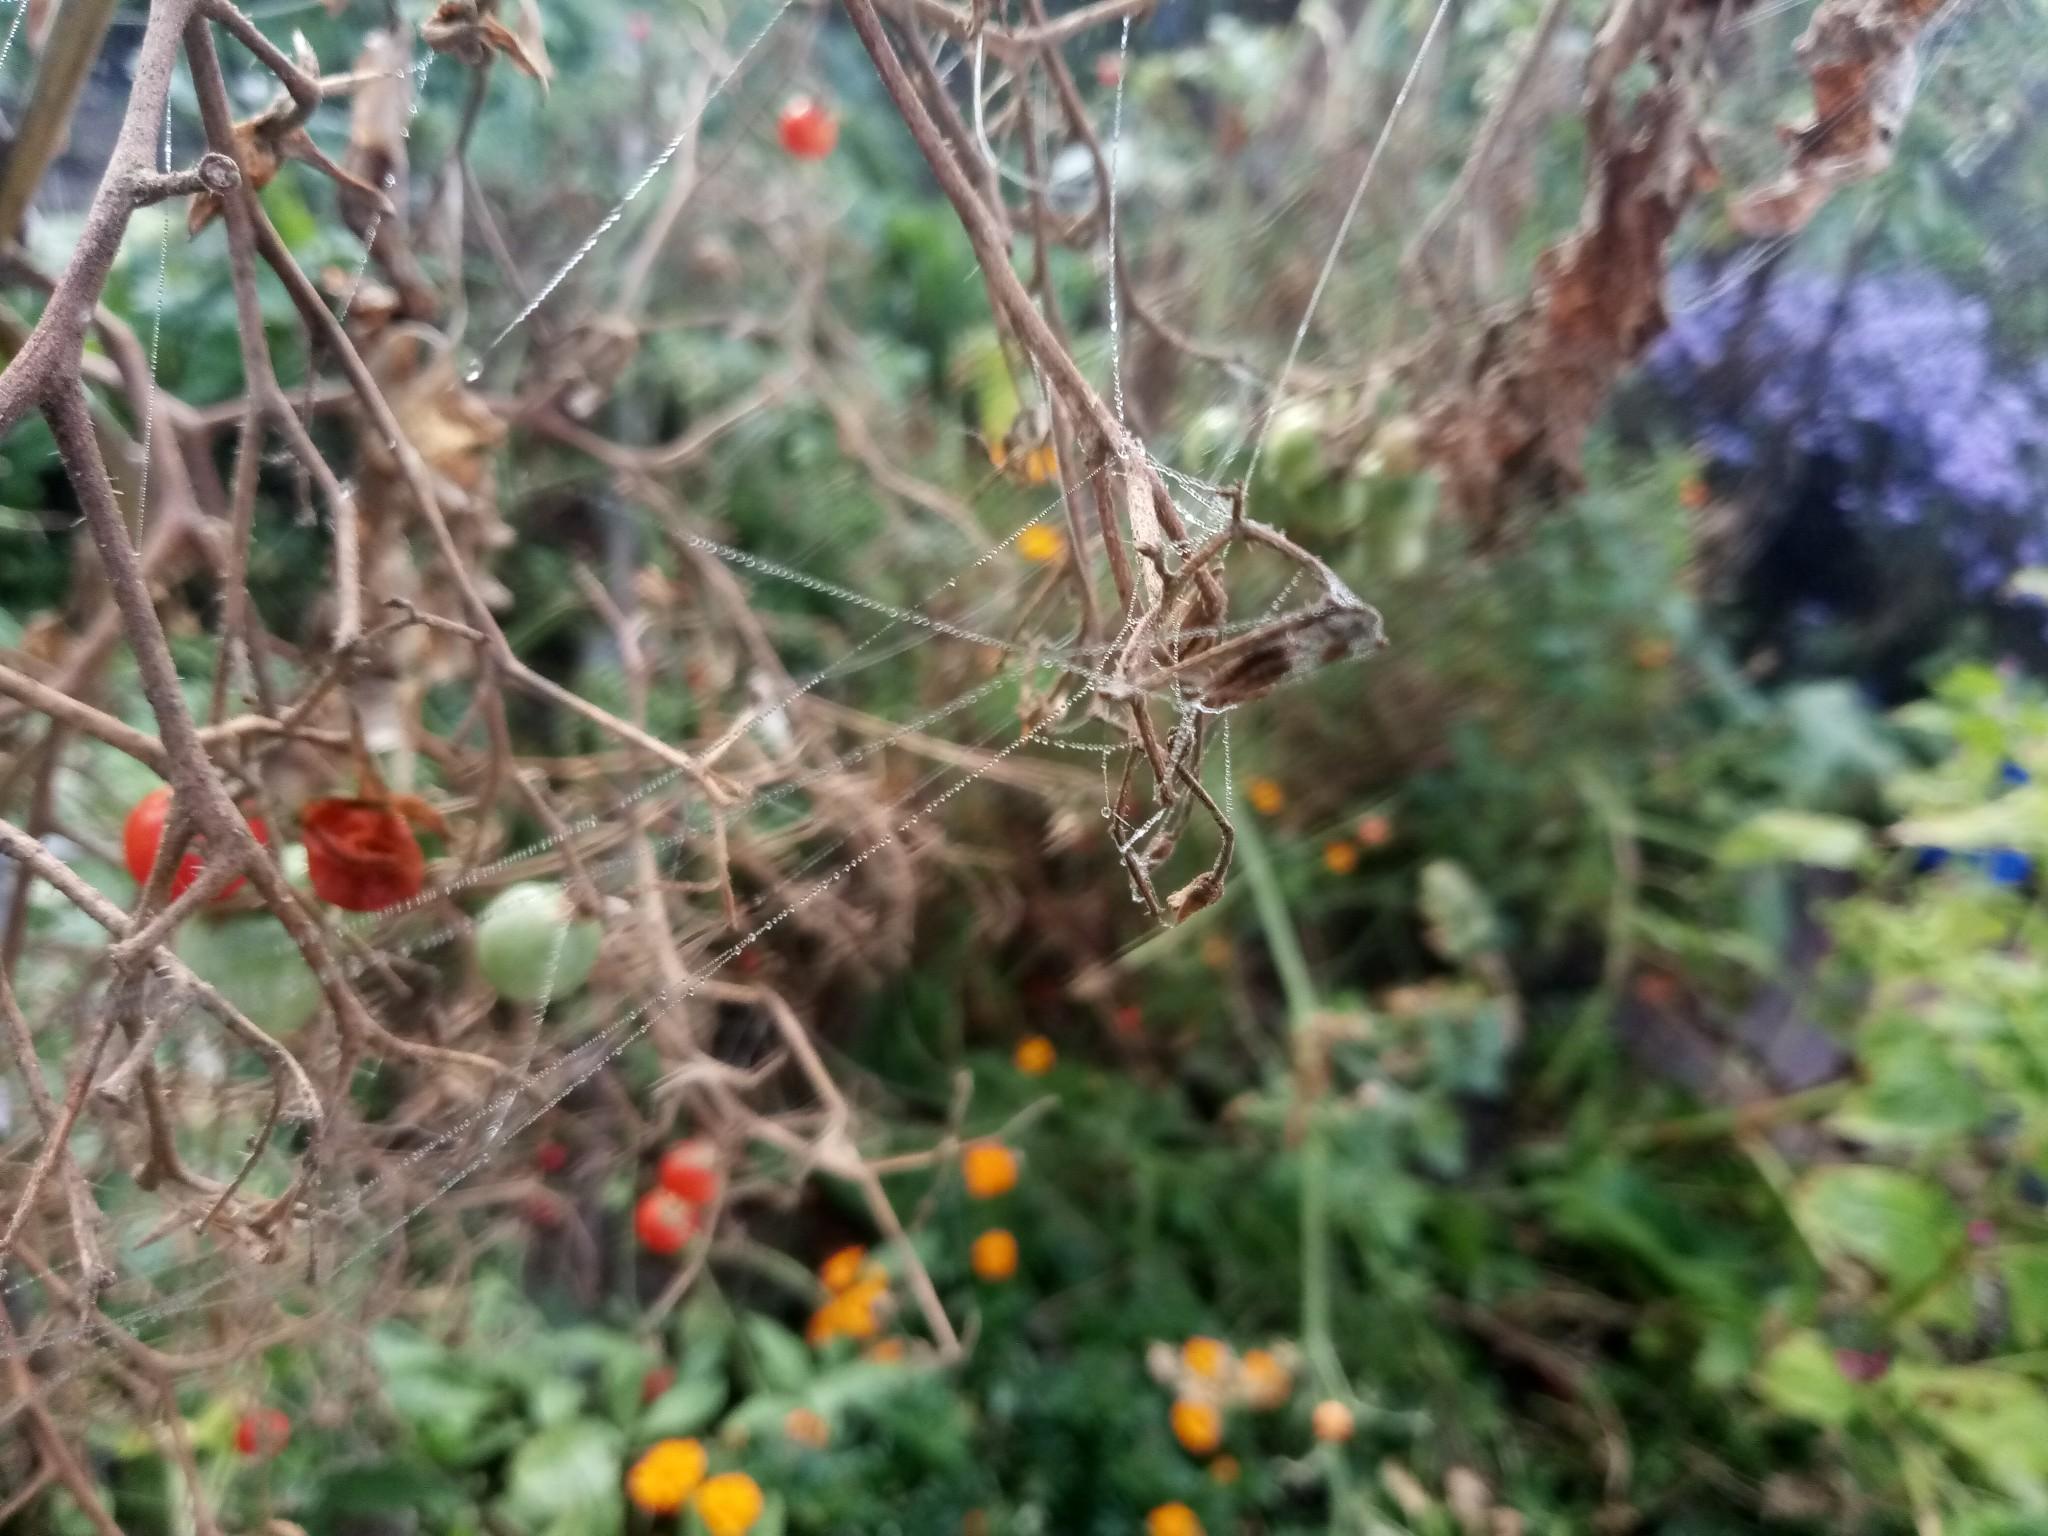 Spider web photo 2